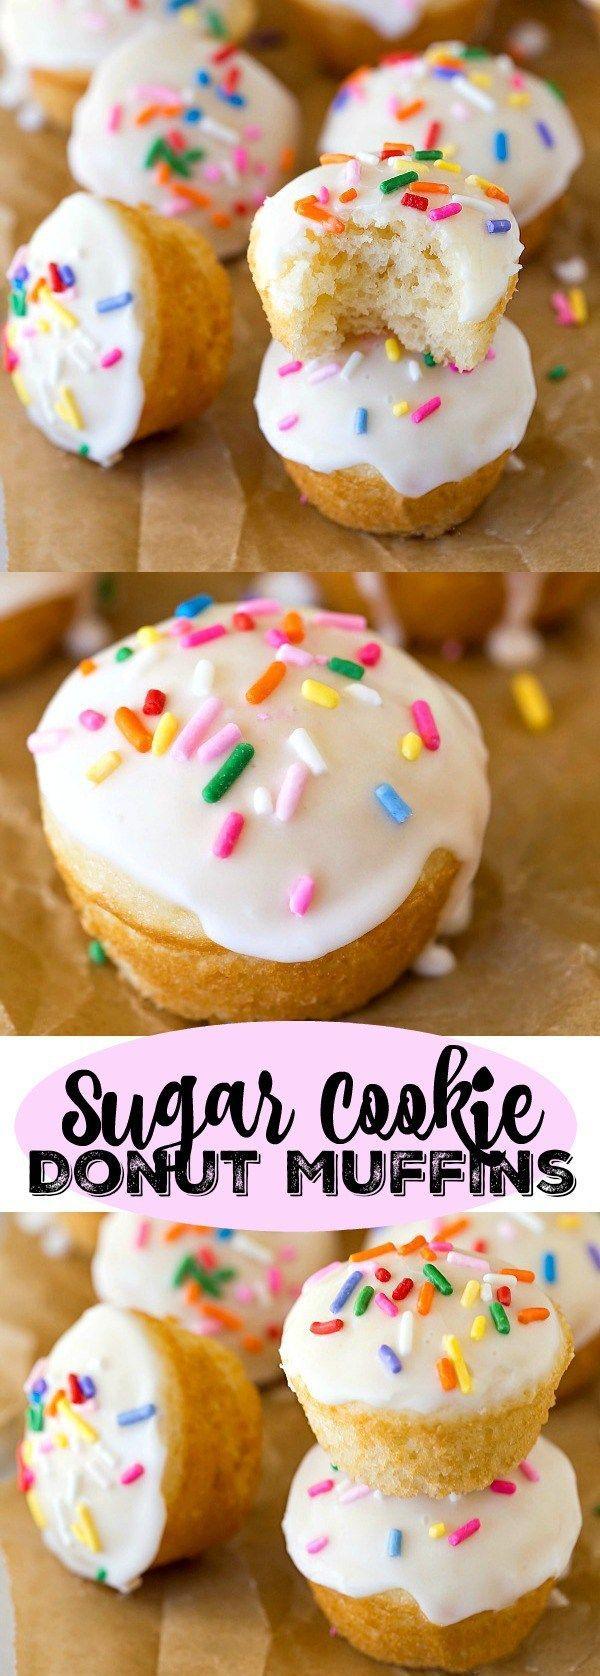 Sugar Cookie Donut Muffin Recipe